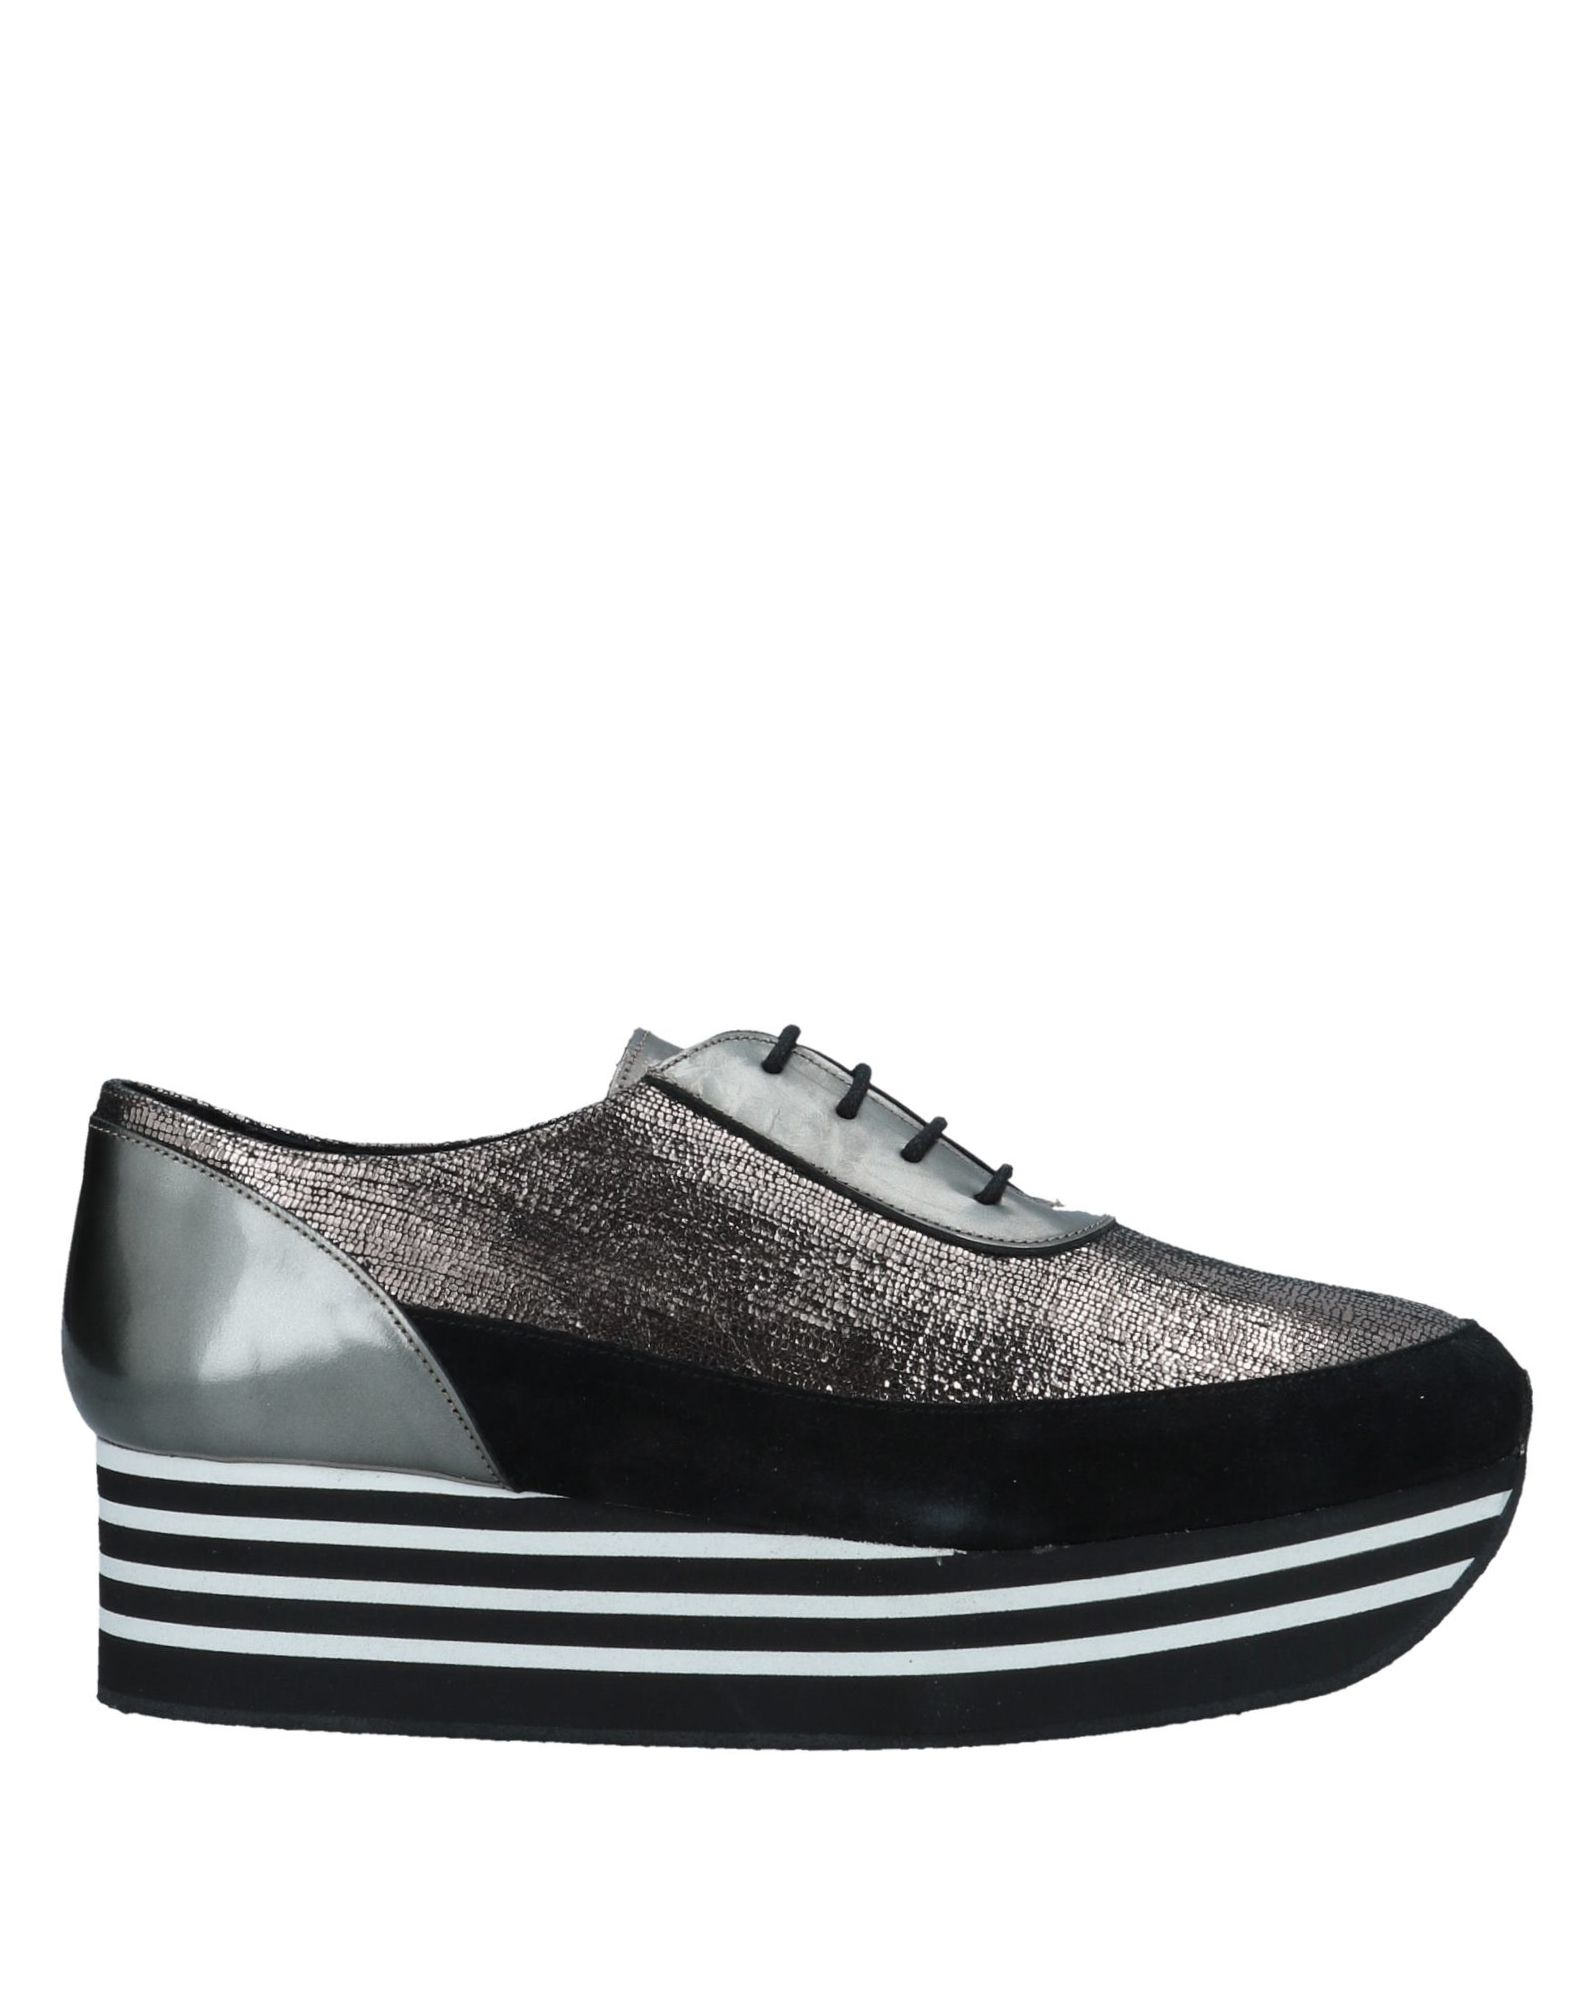 Klassischer Stil-16504,Bnaki Sneakers es Damen Gutes Preis-Leistungs-Verhältnis, es Sneakers lohnt sich fefb8d